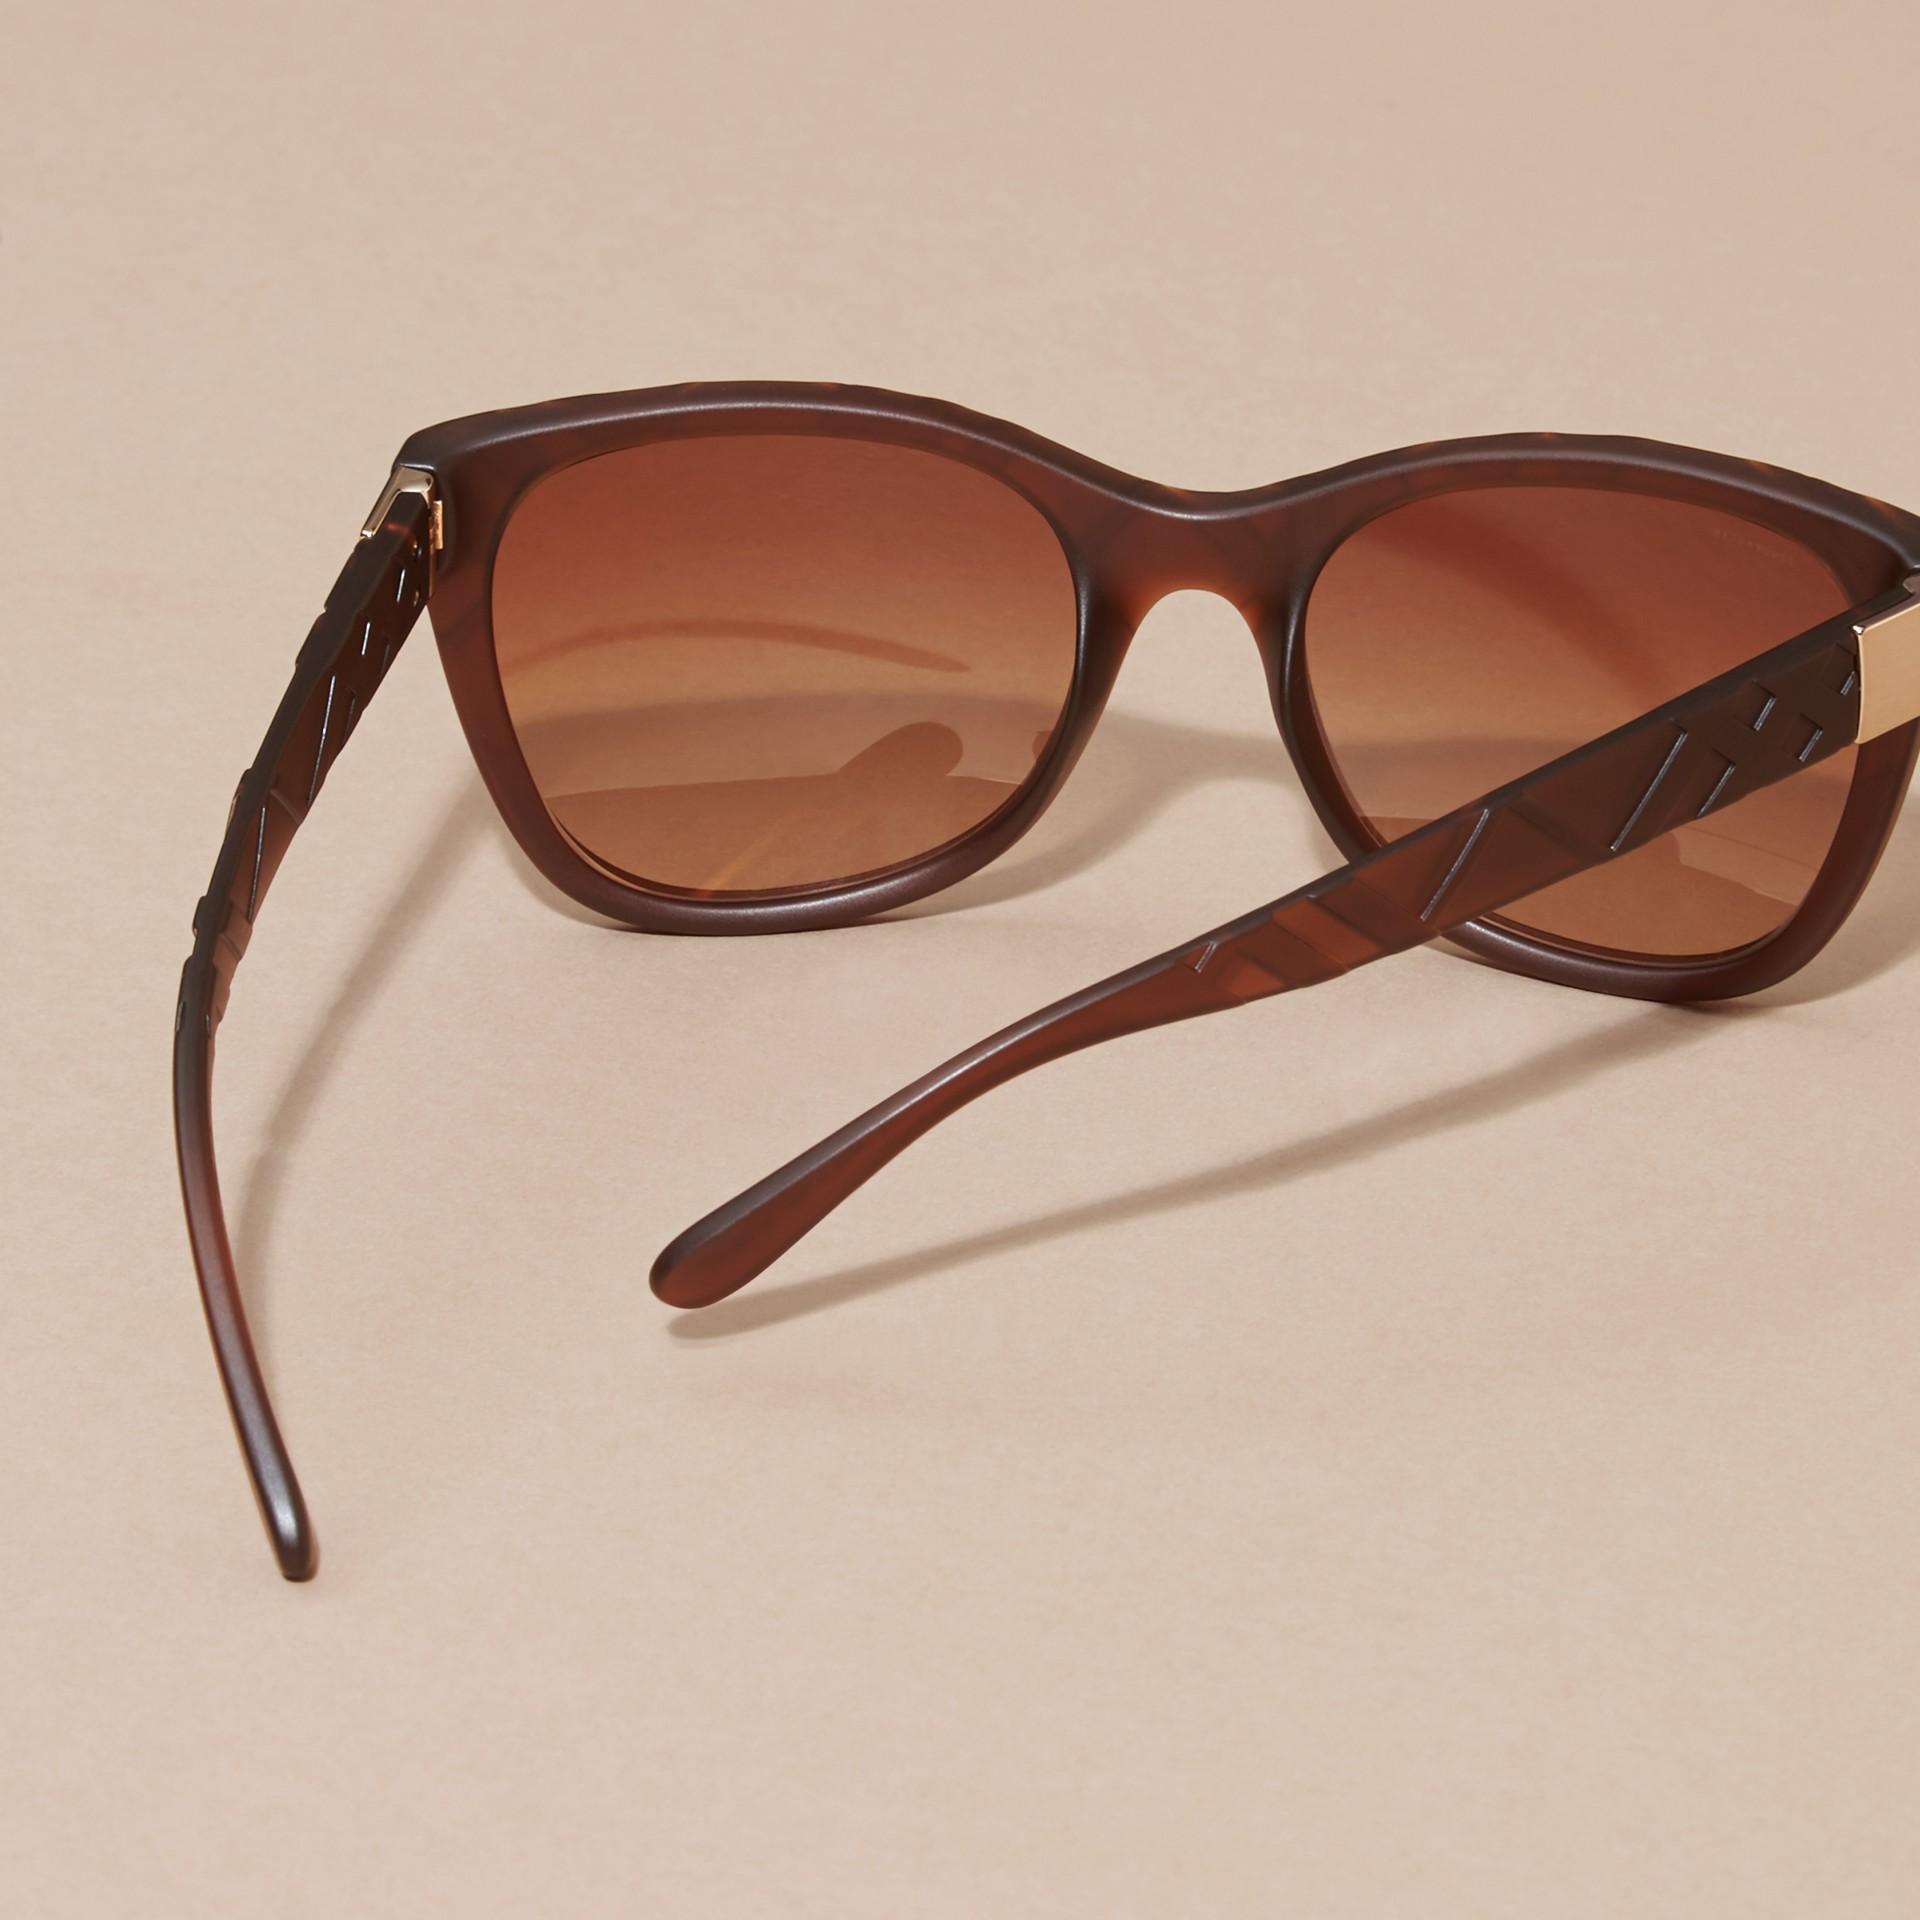 Braun Sonnenbrille mit eckigem Gestell und Check-Detail in 3D Braun - Galerie-Bild 3